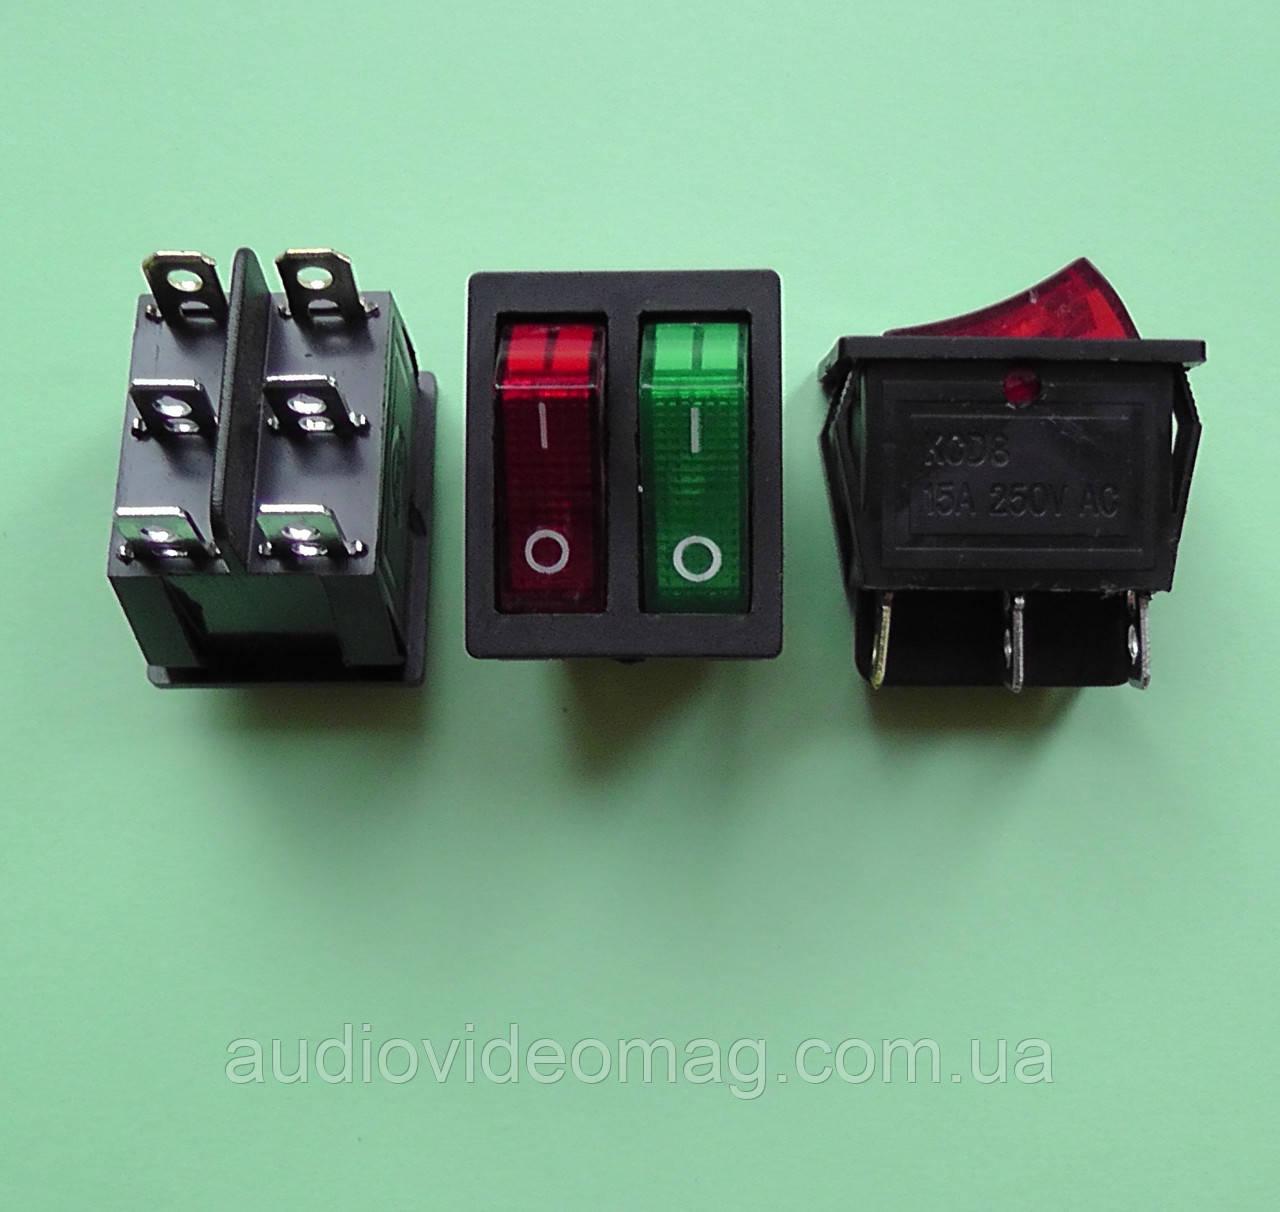 Кнопочный выключатель 250V 16A, двухцветный, сдвоенный 28.5 х 22мм с подсветкой